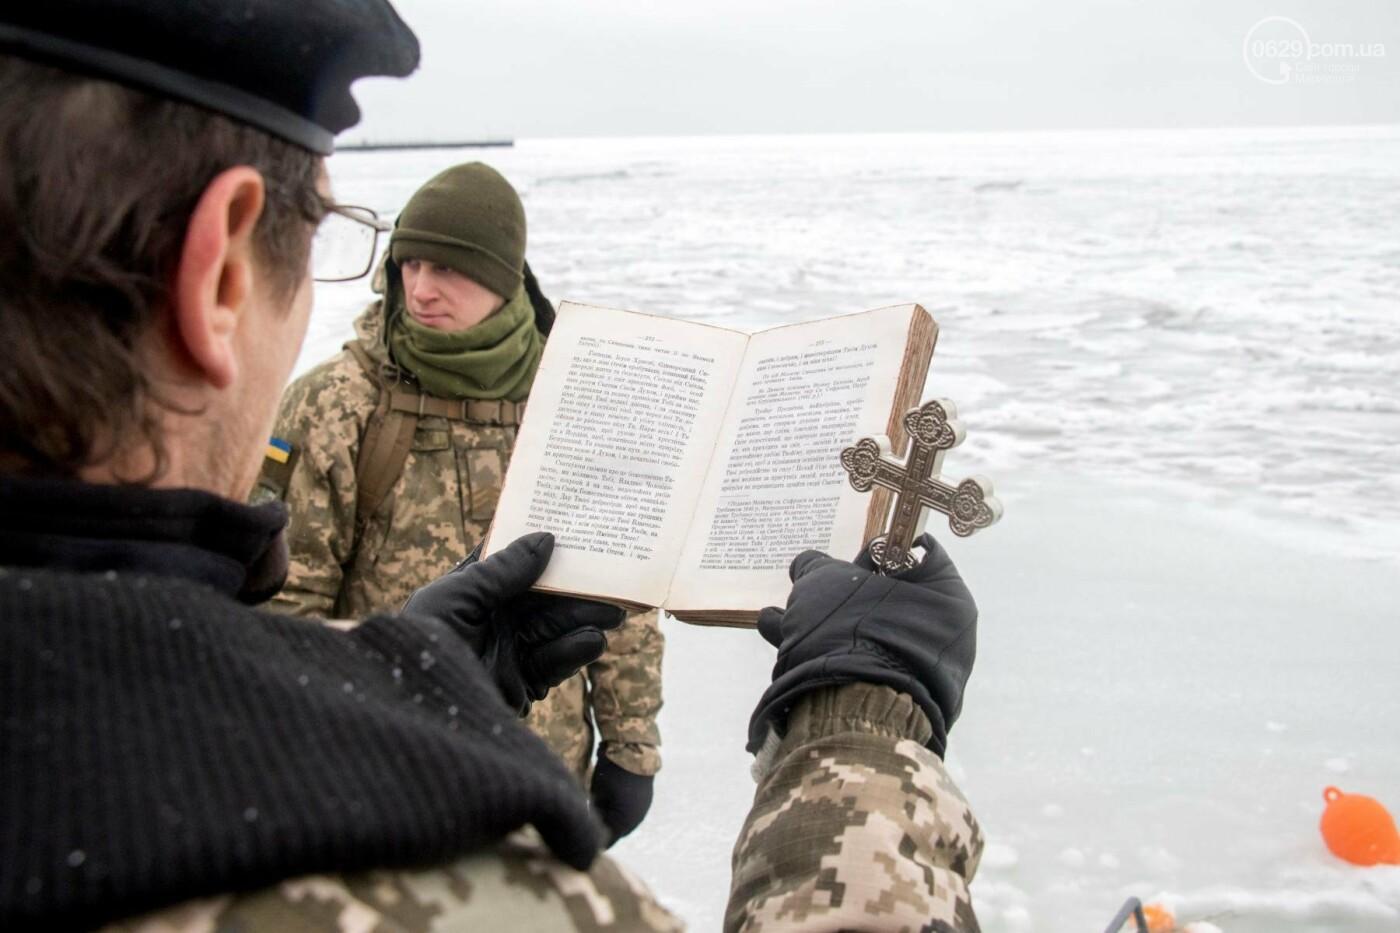 Голые и освященные: крещенский фоторепортаж 0629.com.ua, фото-3